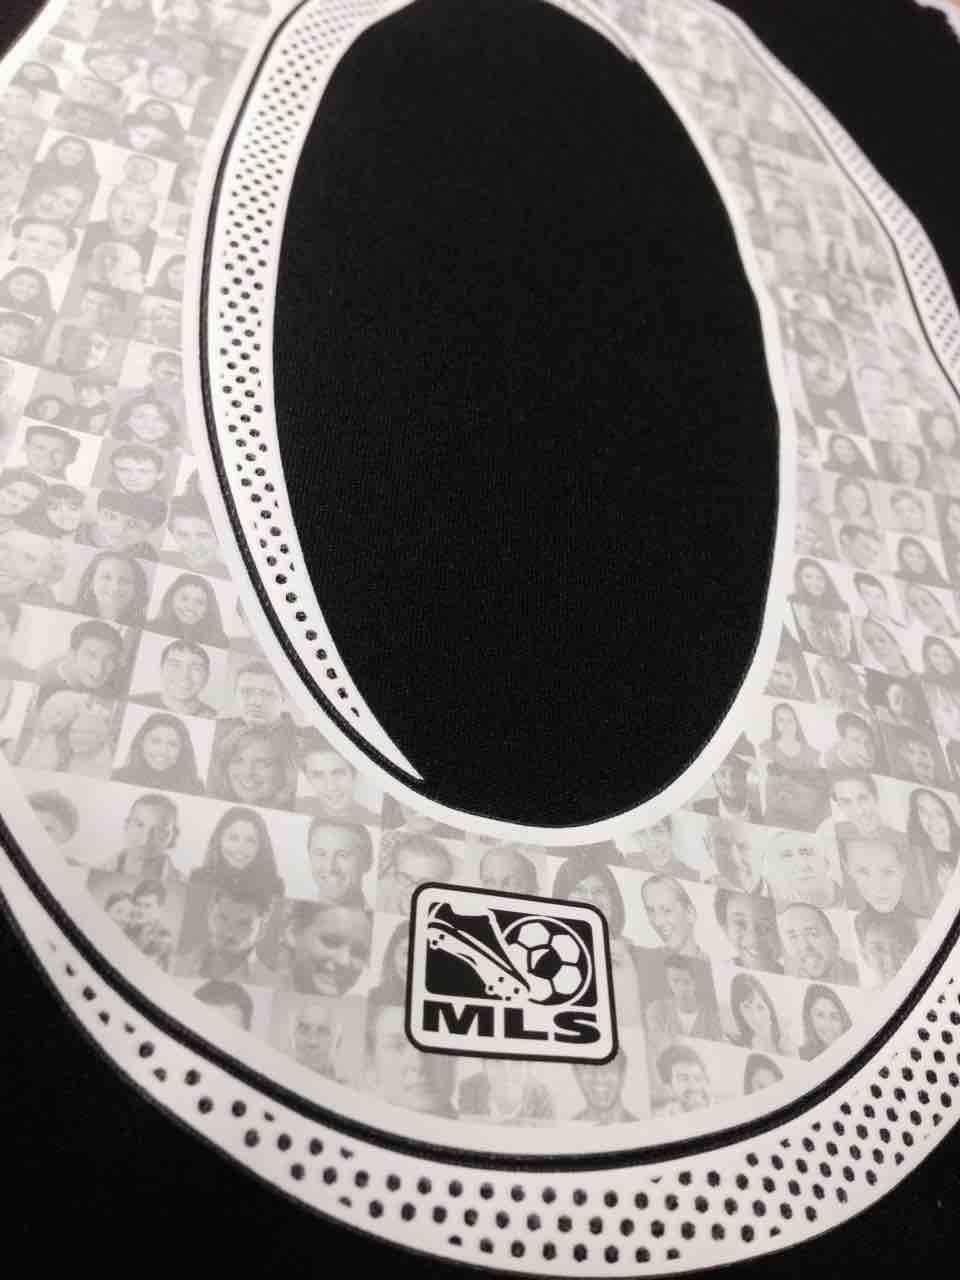 Camisetas de la MLS con rostros de aficionados